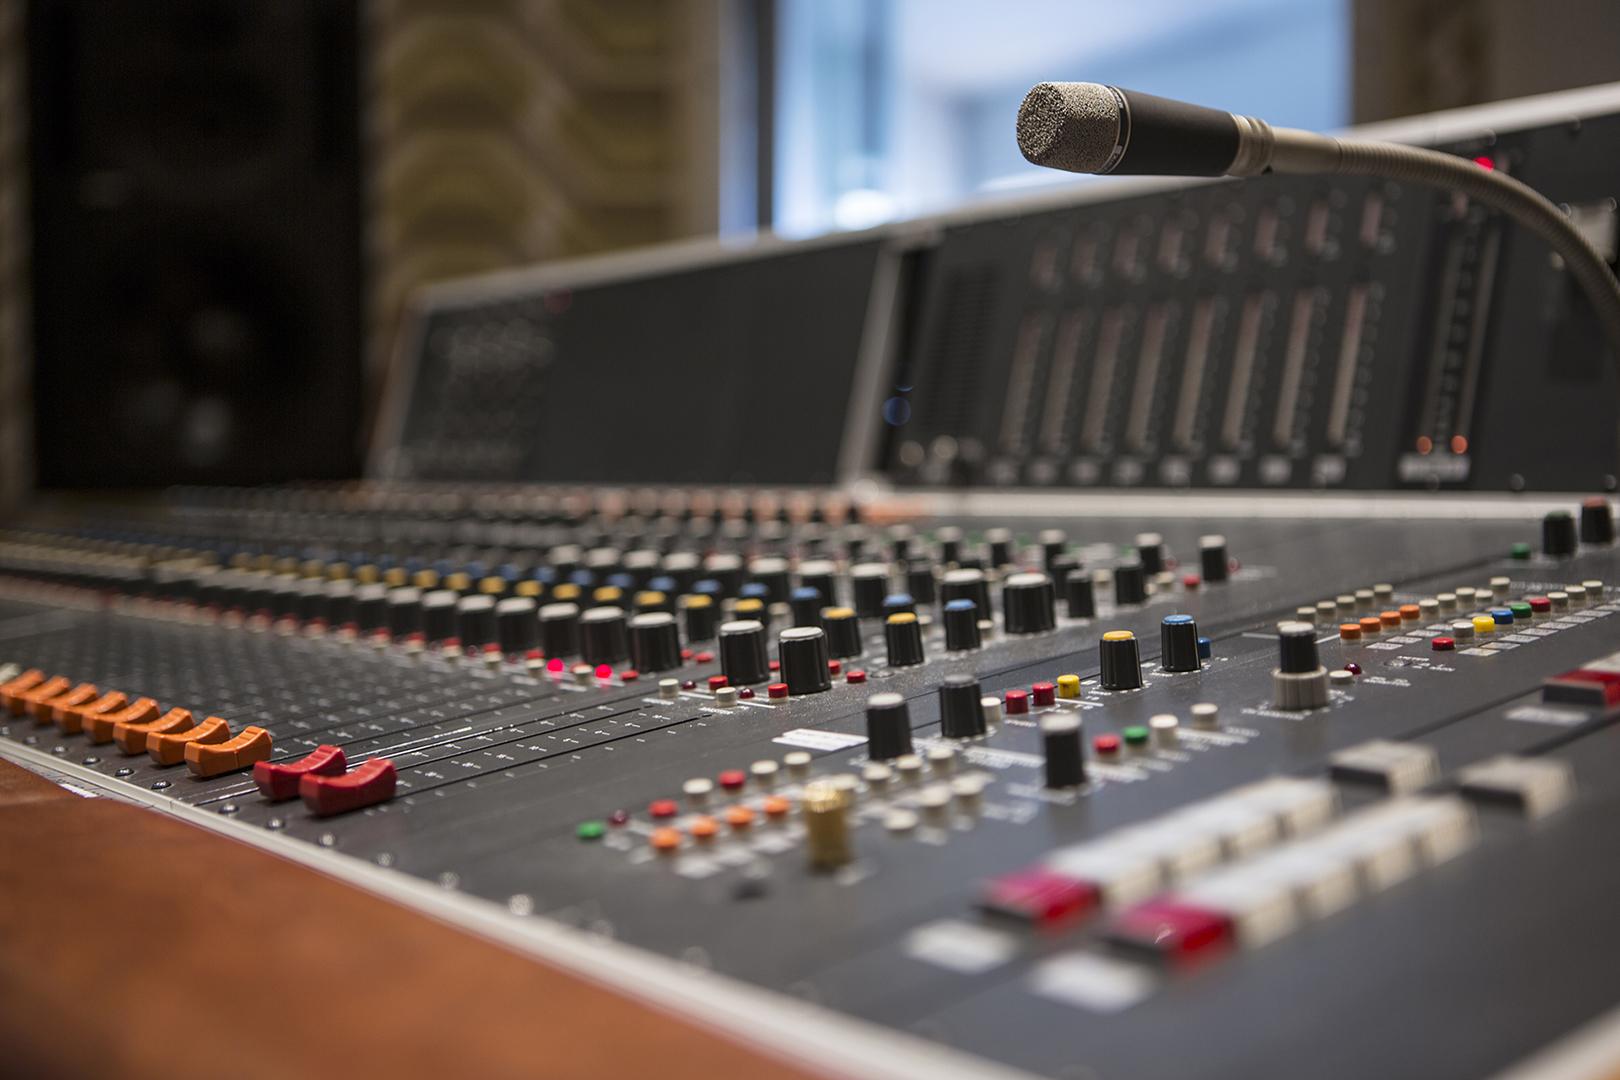 mixen op de analoge console of digitaal